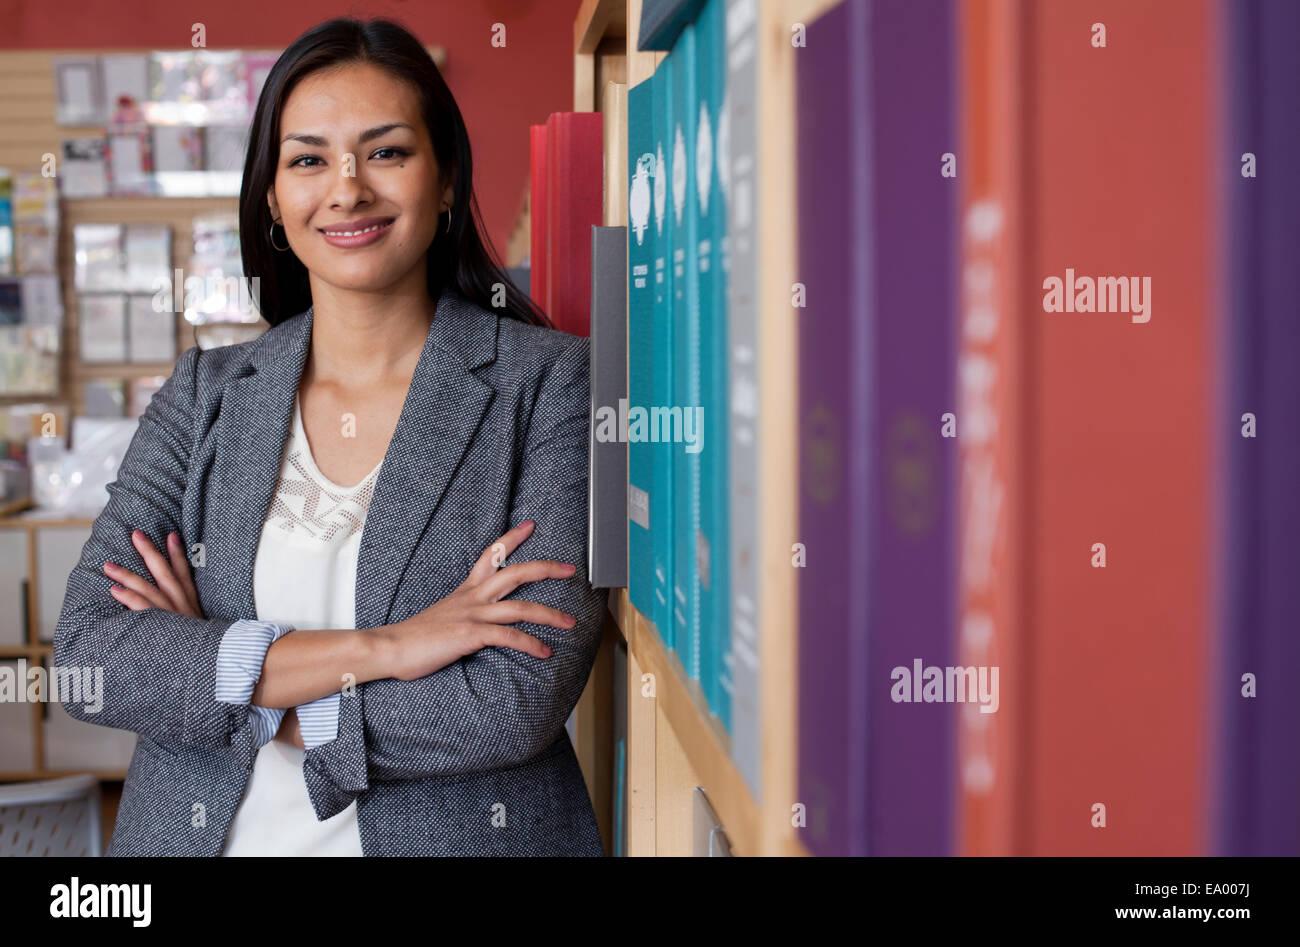 Portrait of young female sales assistant dans la papeterie shop Banque D'Images